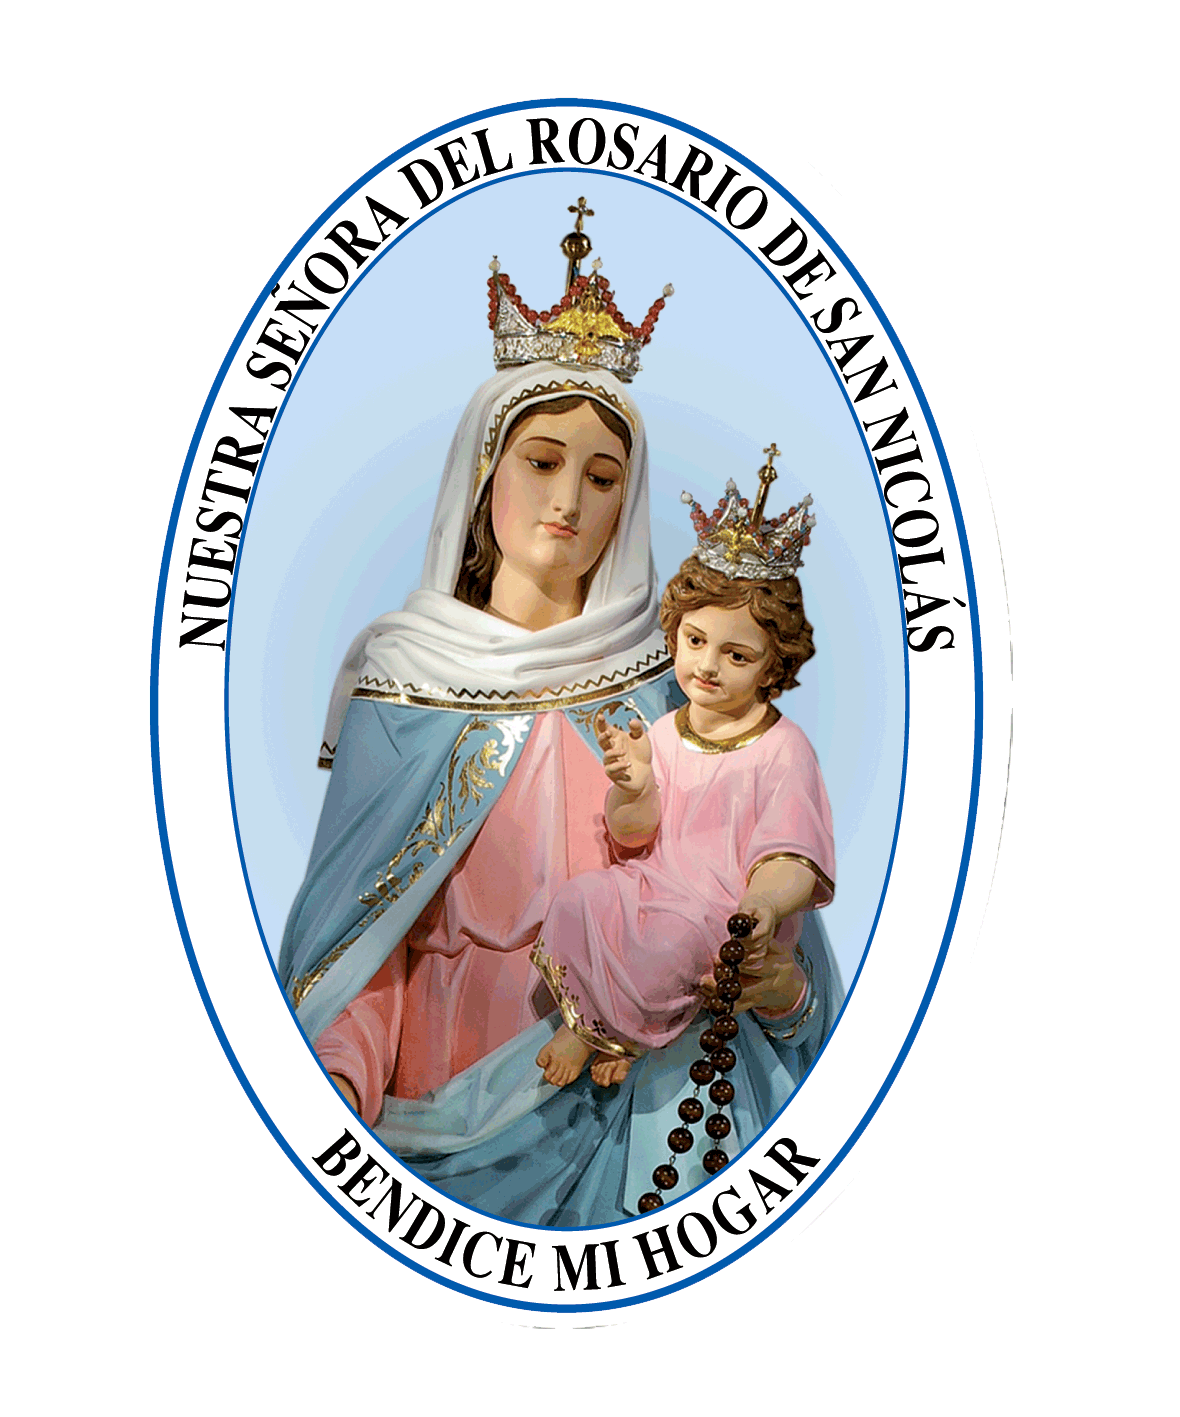 Aparicin de nuestra seora del rosario de san nicols aprobada por adhesivo de ns del rosario de san nicolas altavistaventures Choice Image